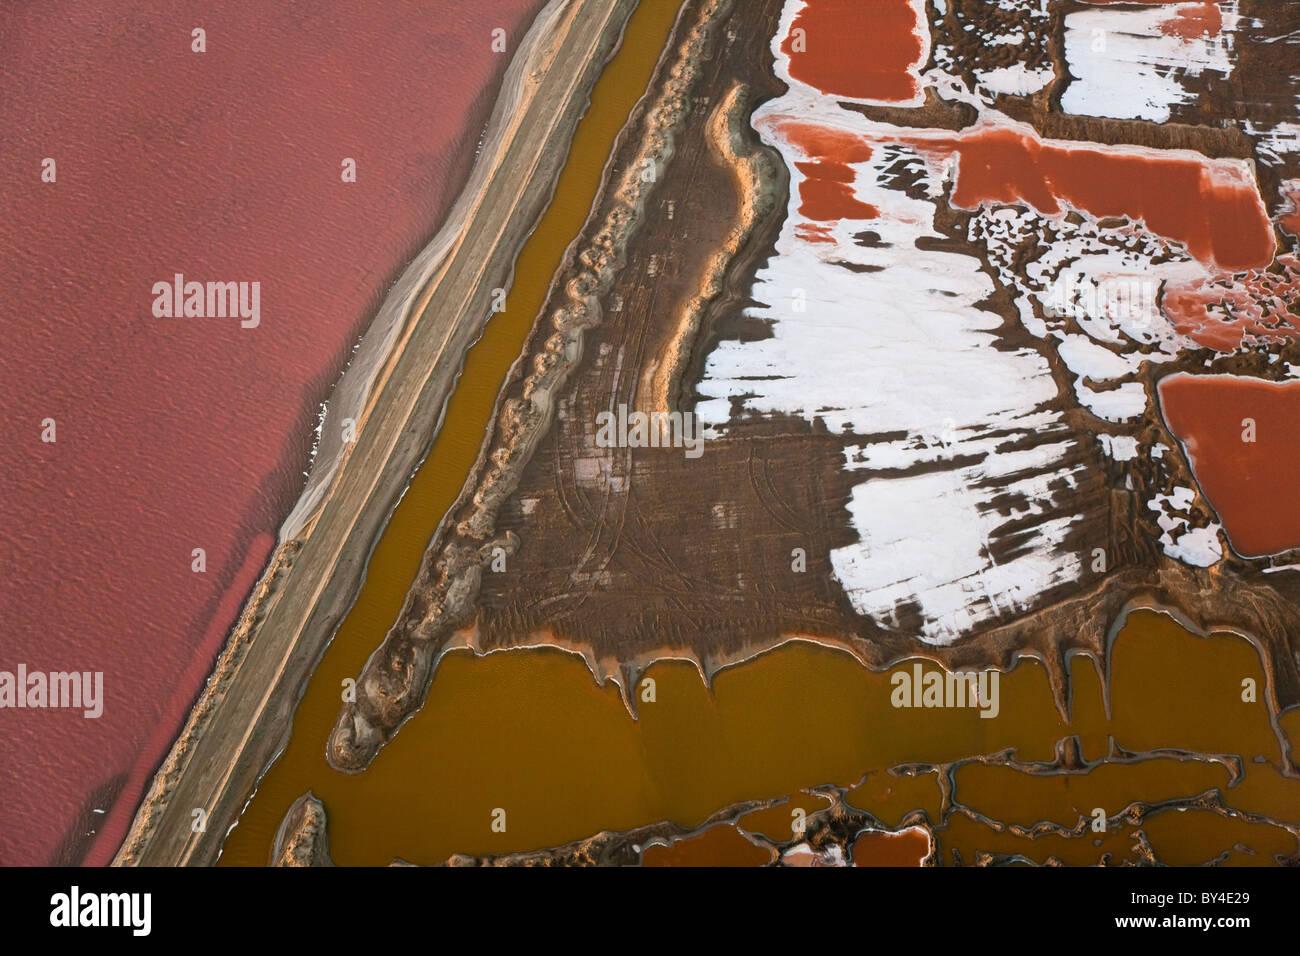 Salt works, vue aérienne, Désert du Namib, Namibie Photo Stock